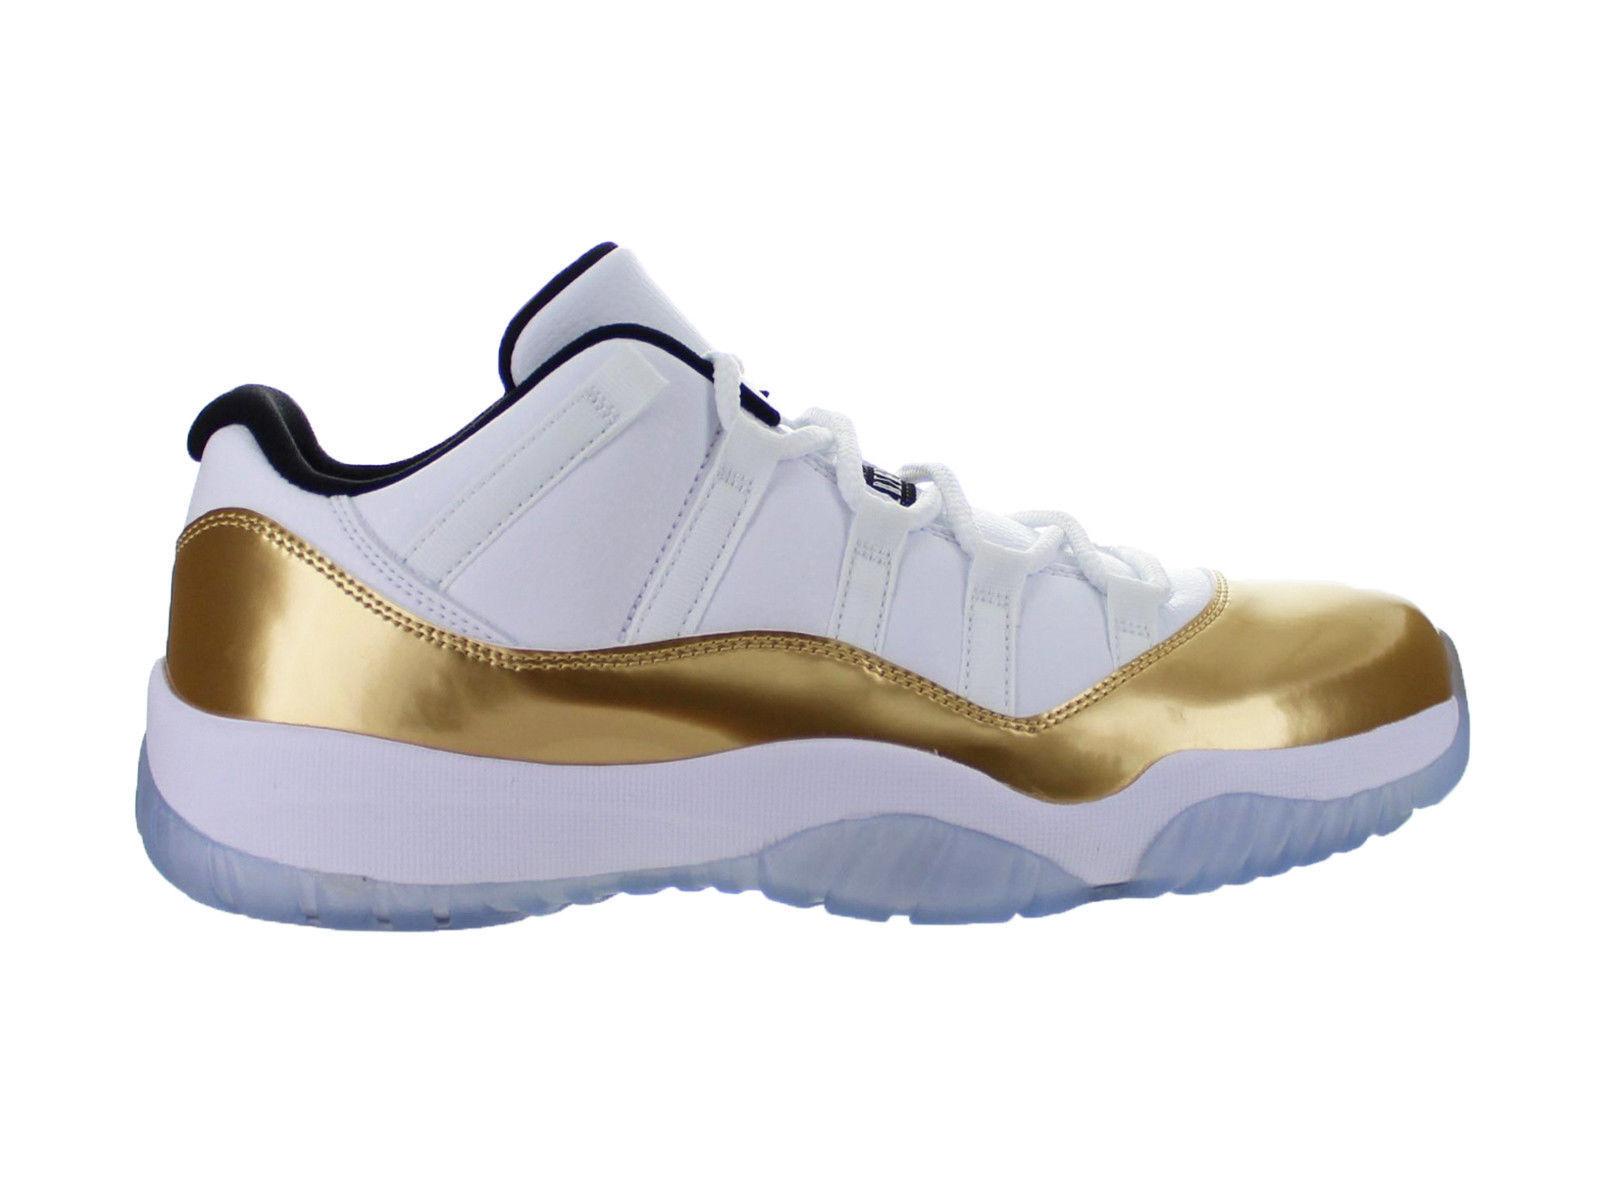 ON HAND NEW Nike Air Jordan Mens Retro 11 Low Gold